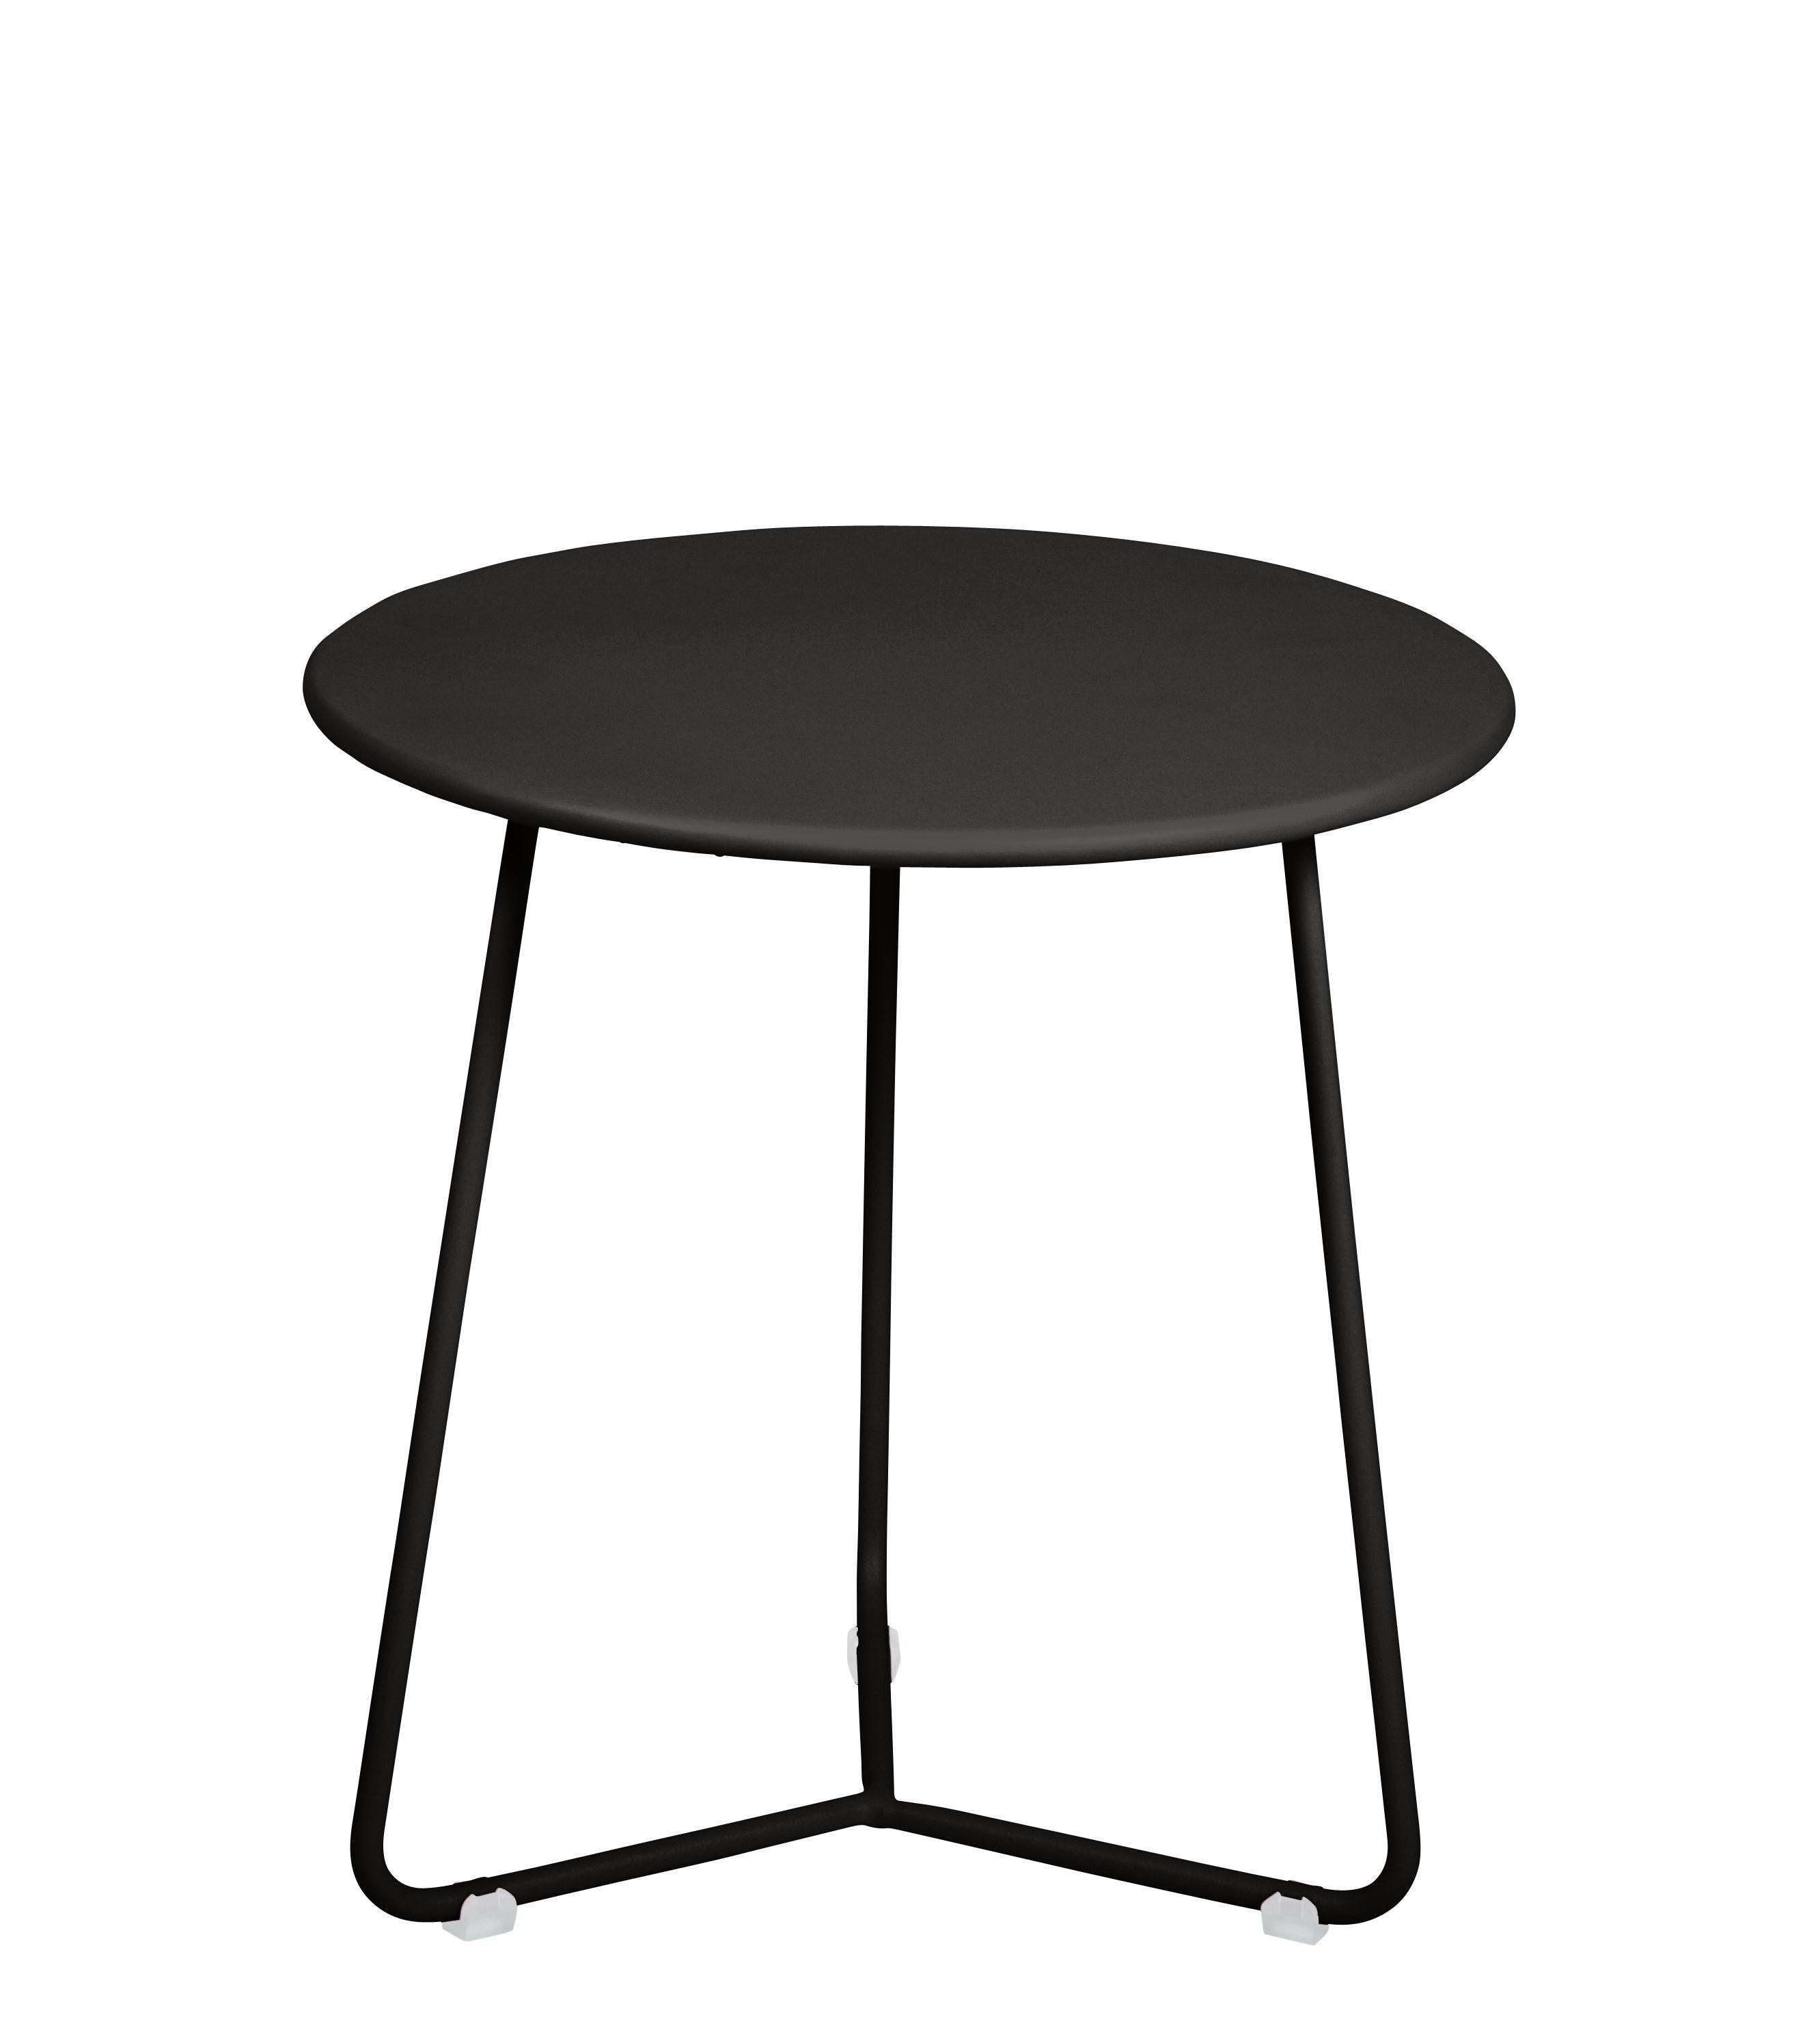 Möbel - Couchtische - Cocotte Beistelltisch / Hocker - Ø 34 cm x H 36 cm - Fermob - Lakritze - bemalter Stahl